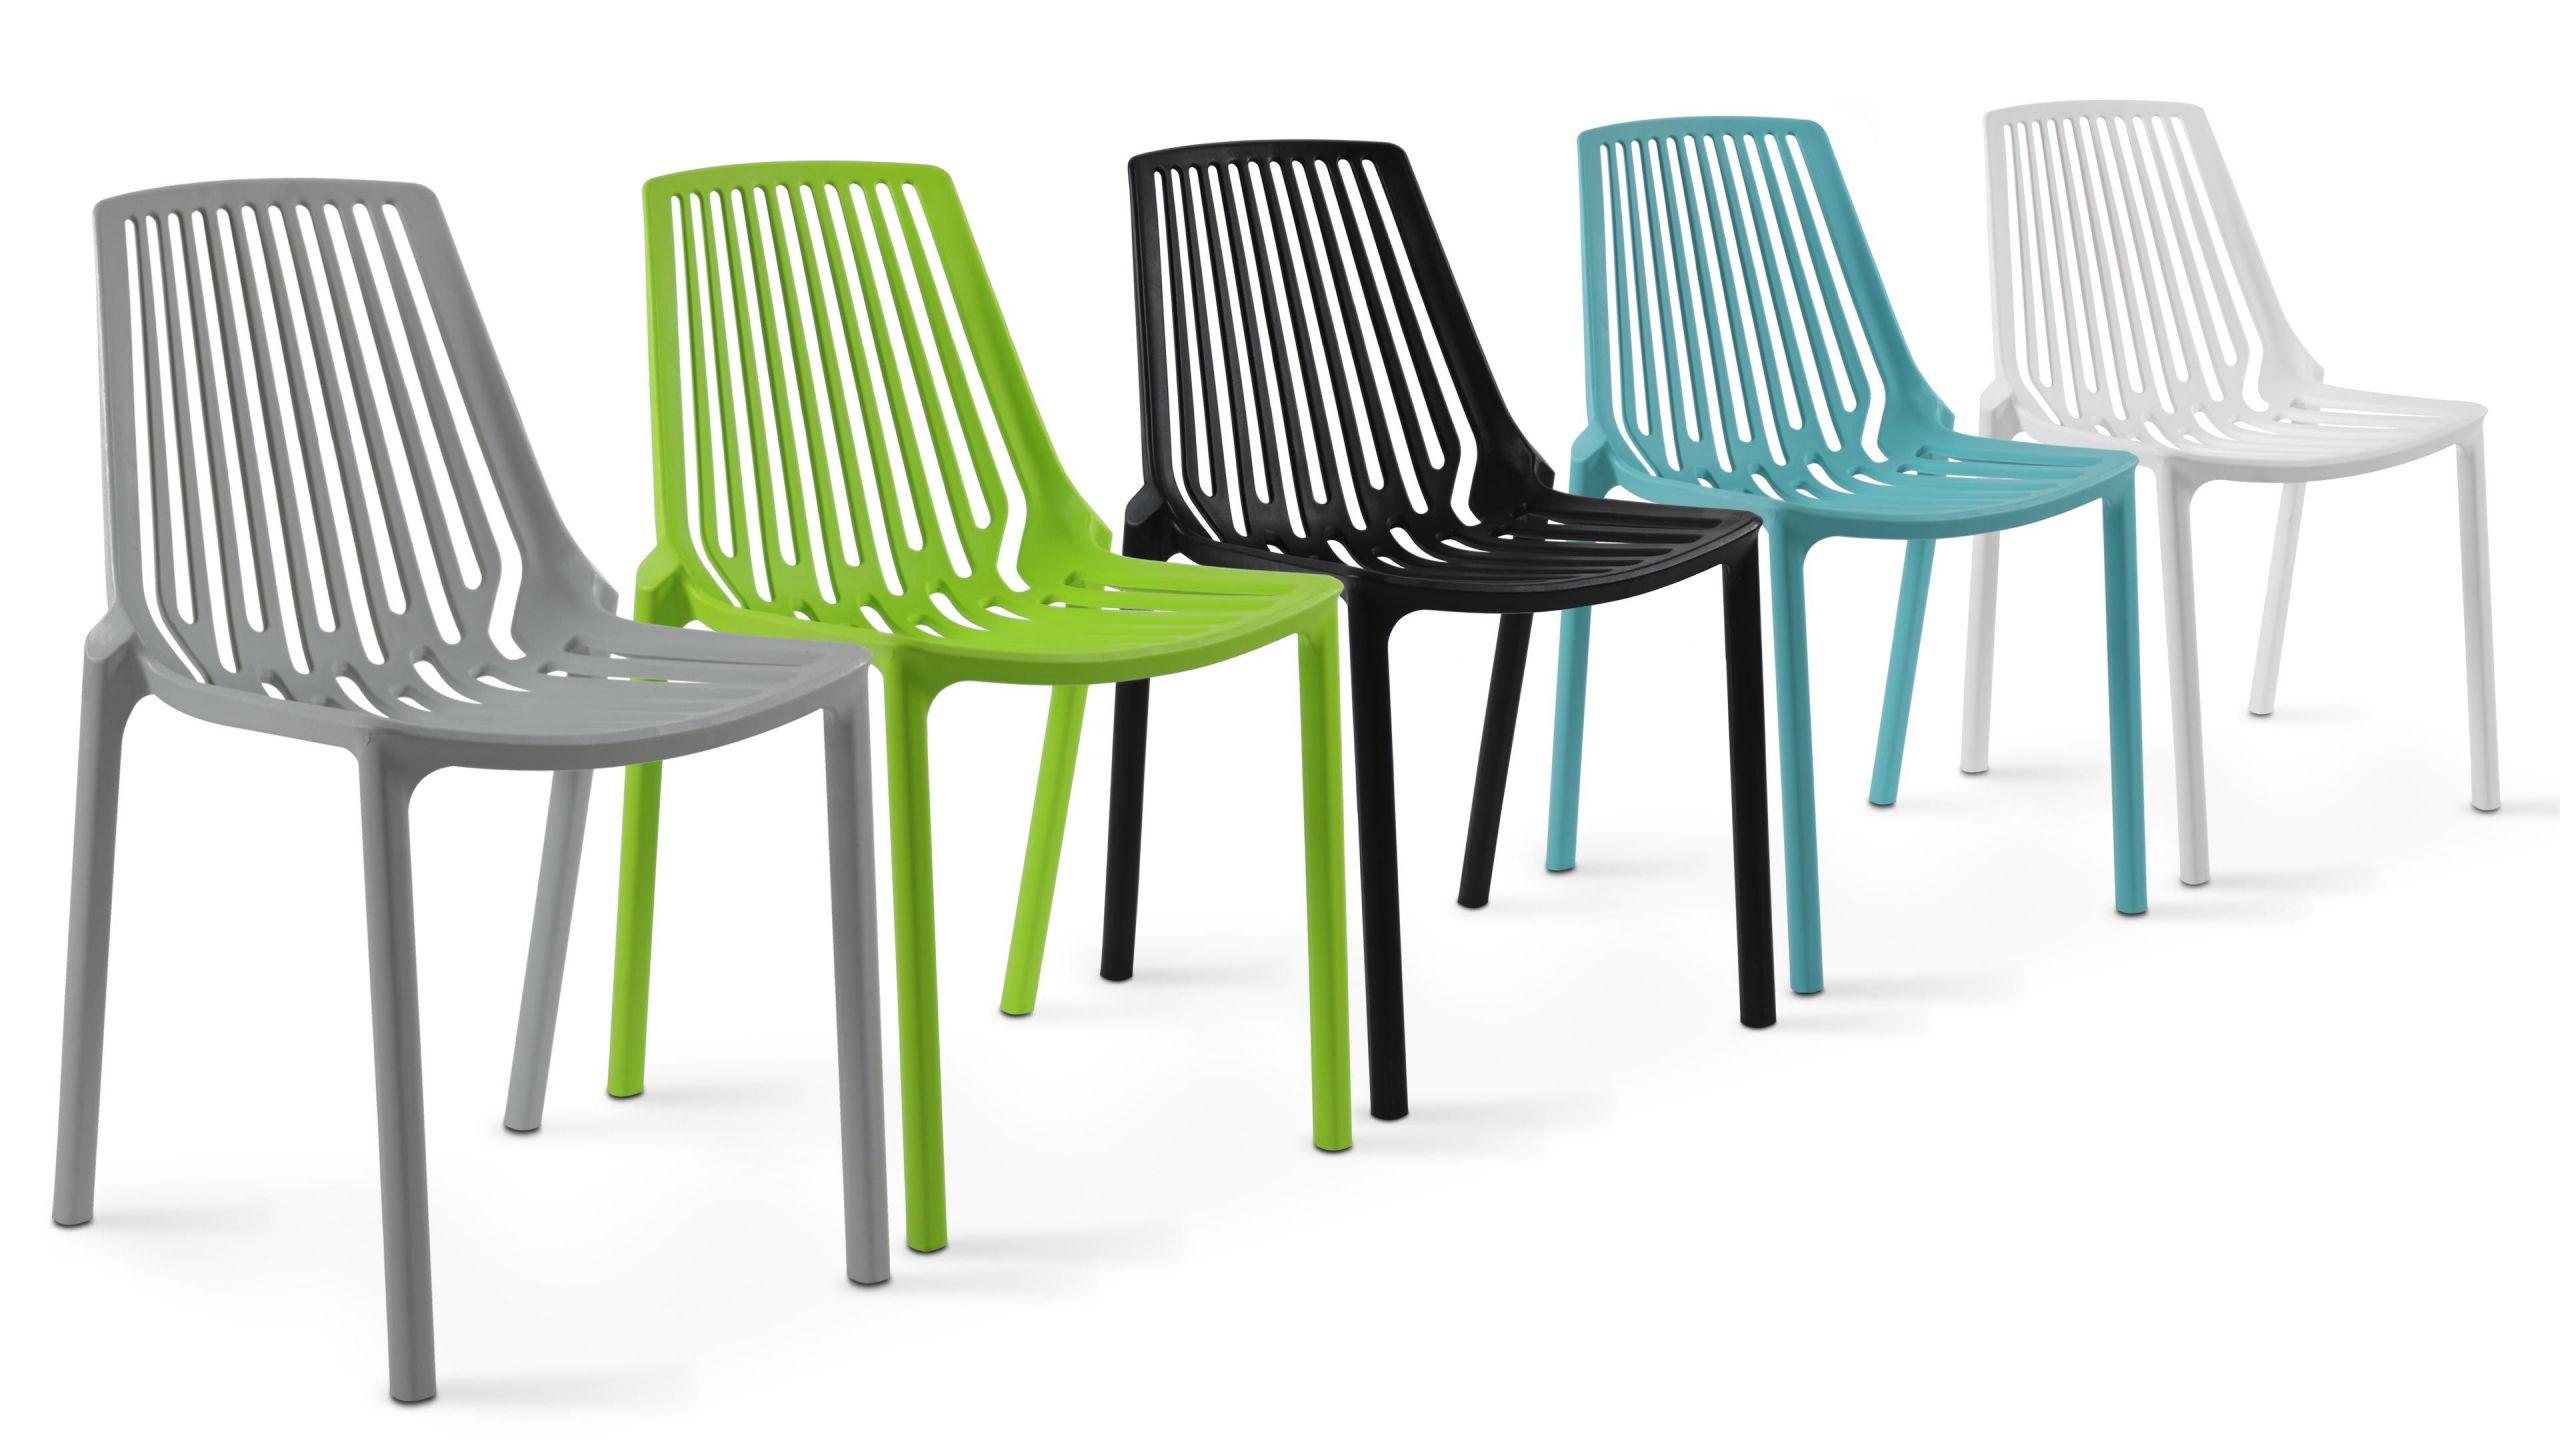 chaise exterieur design elegant table